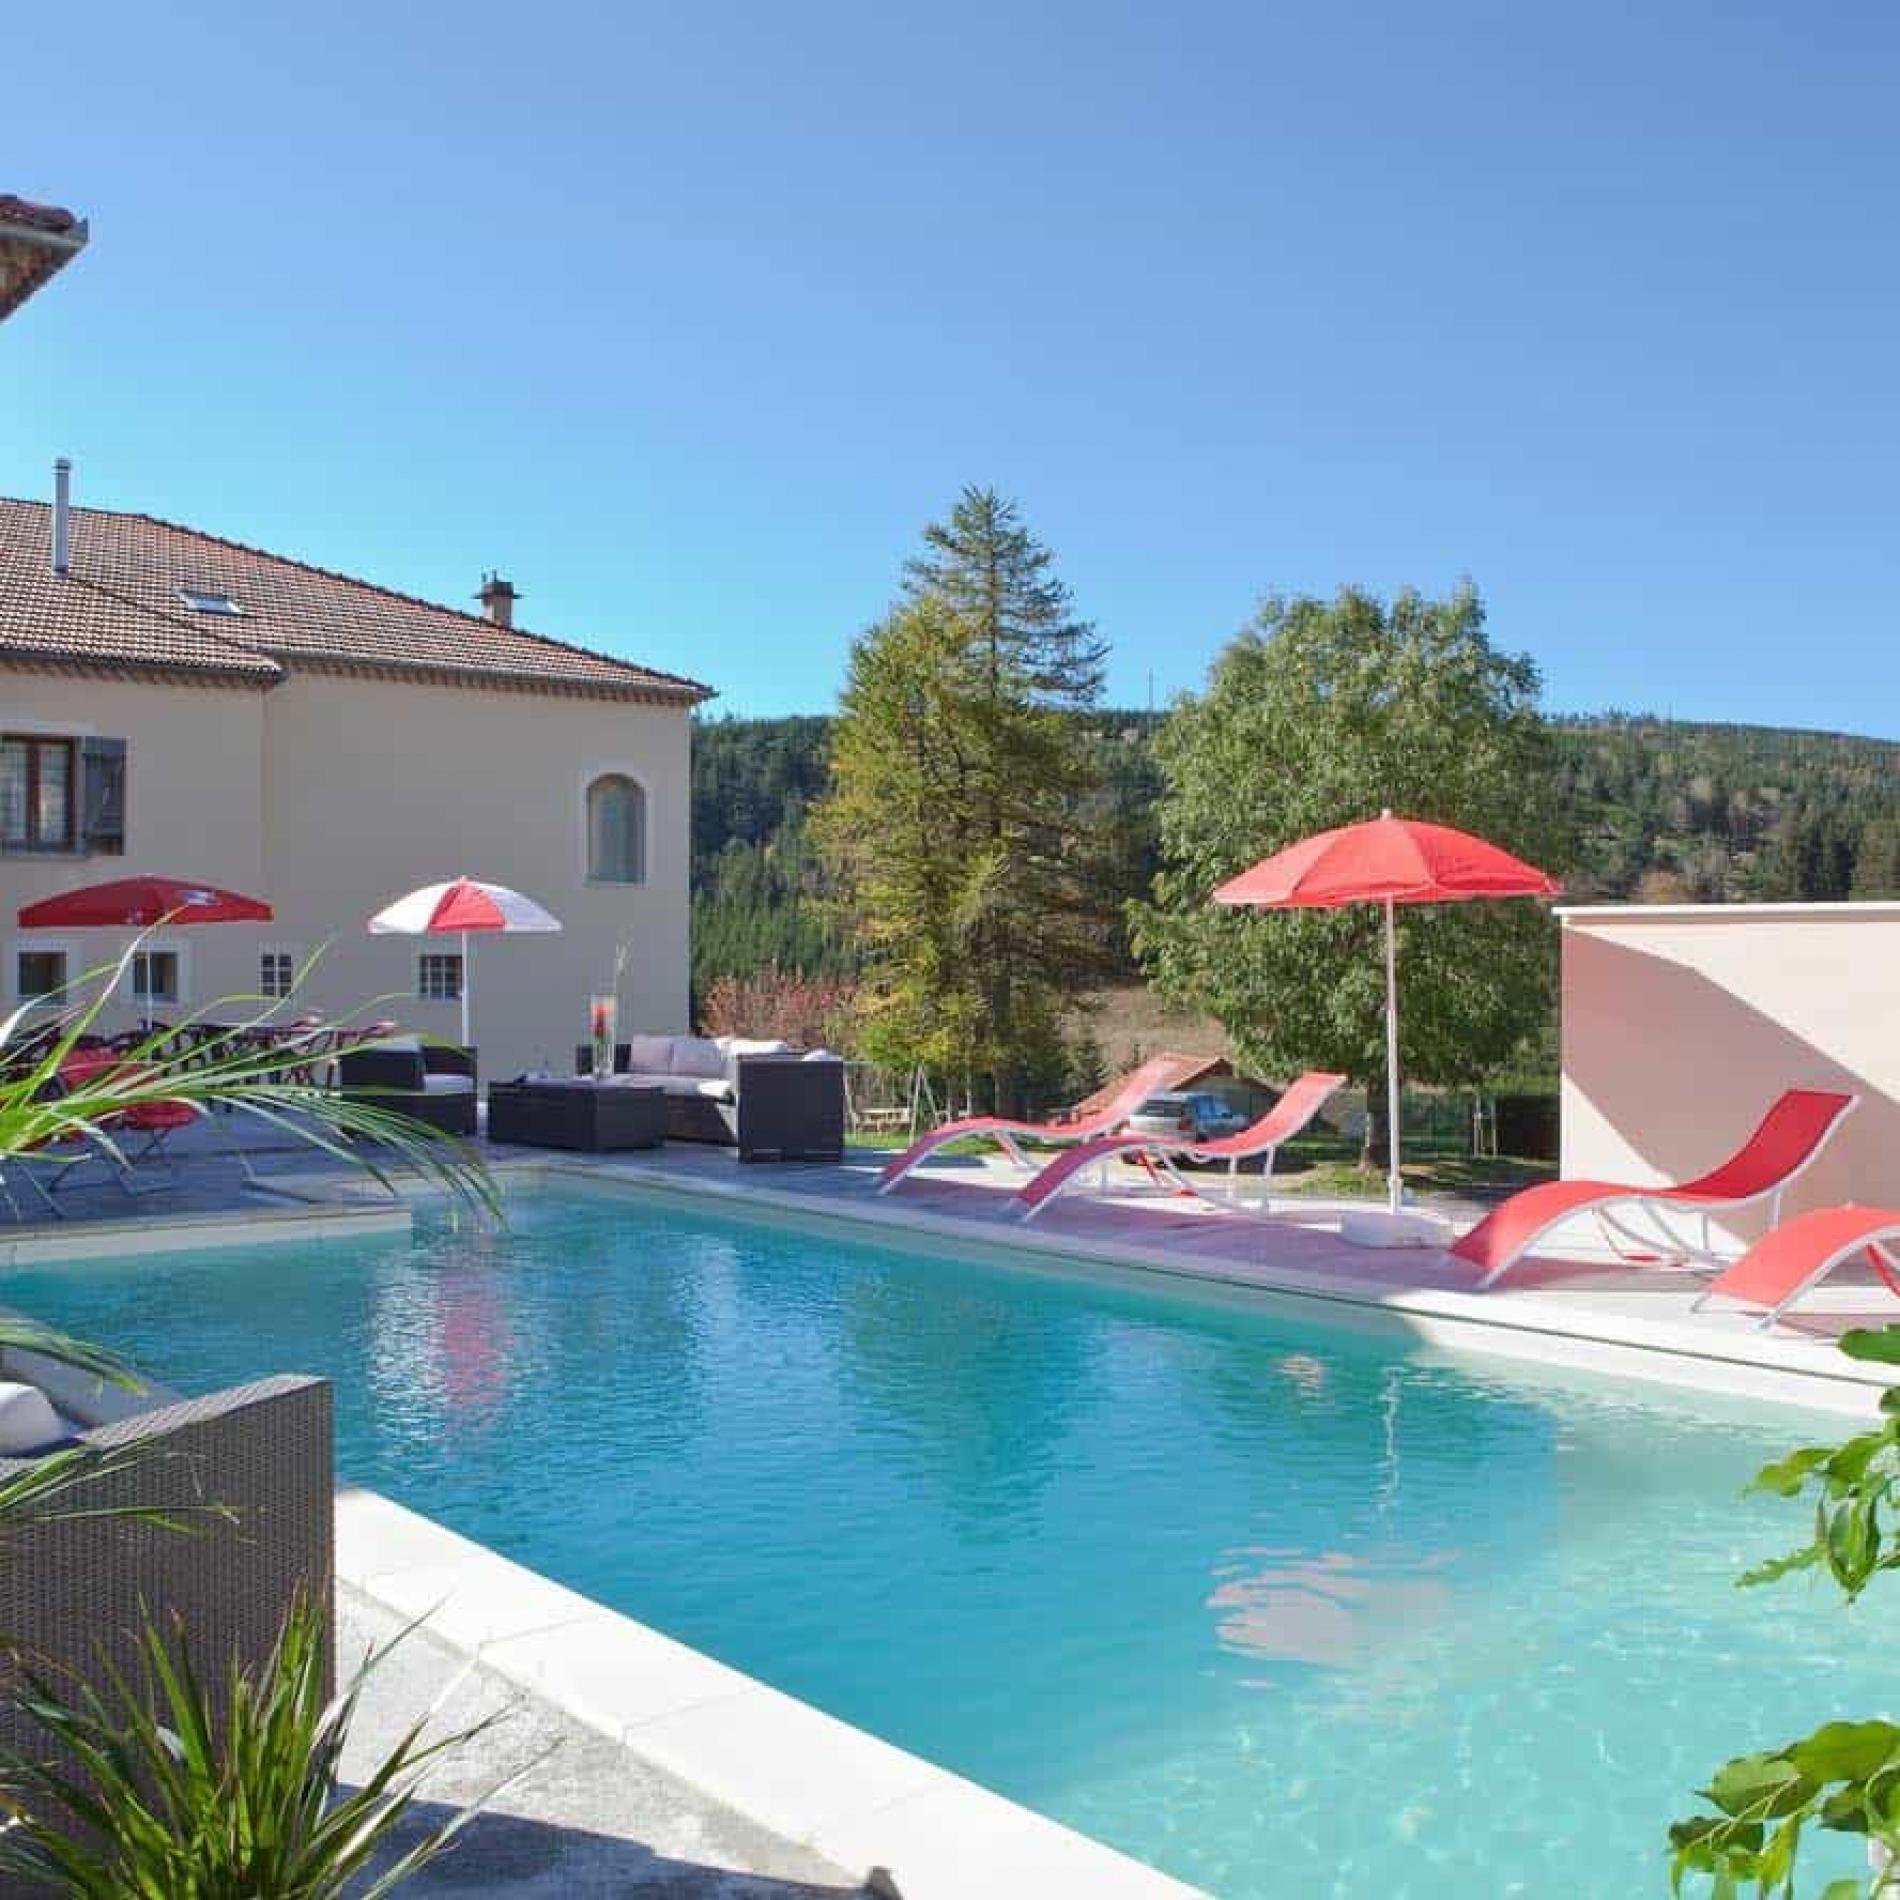 ∞ Hôtel 3 Étoiles En En Ardèche Avec Piscine | Hôtel Des Sapins dedans Hotel Ardeche Avec Piscine